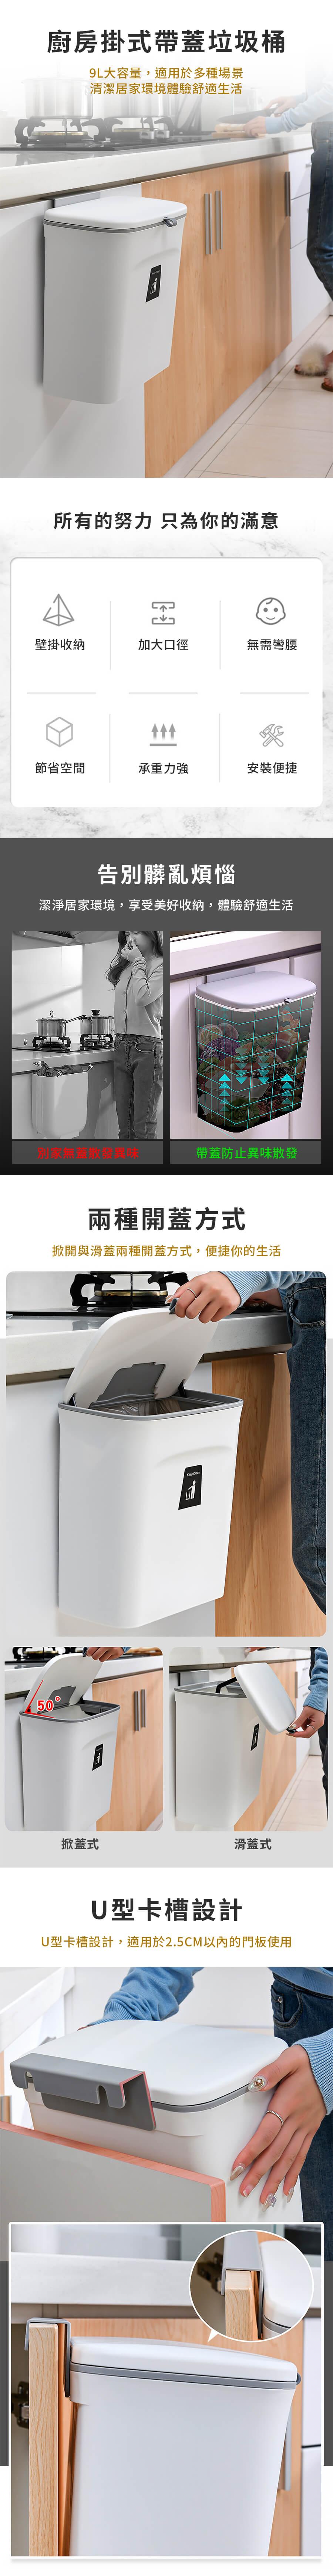 廚房掛式帶蓋垃圾桶_PDP_20210131_1.jpg